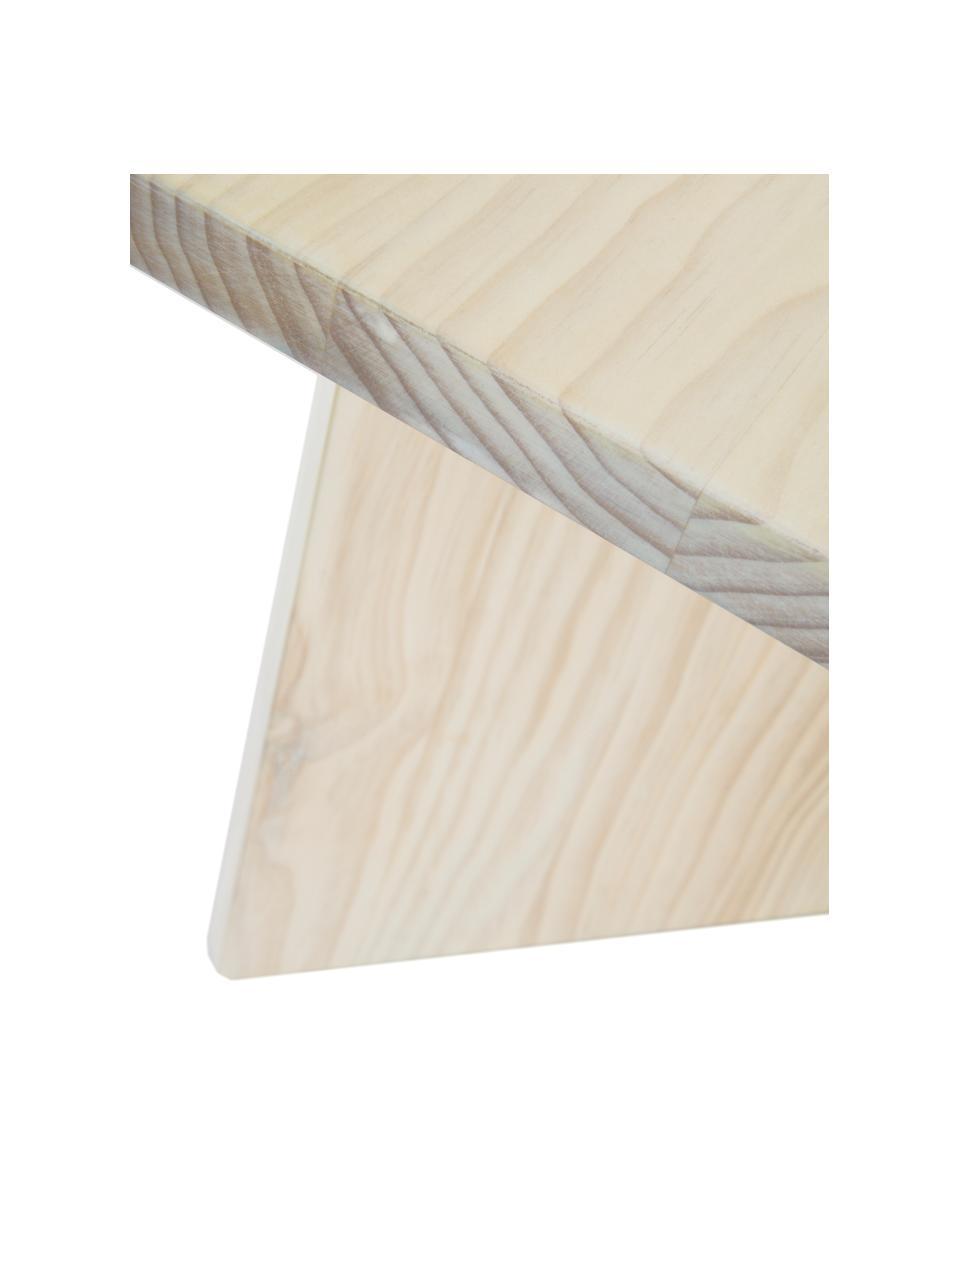 Massivholz-Couchtisch Grankulla, Kiefernholz, massiv, Kiefernholz, B 90 x T 90 cm